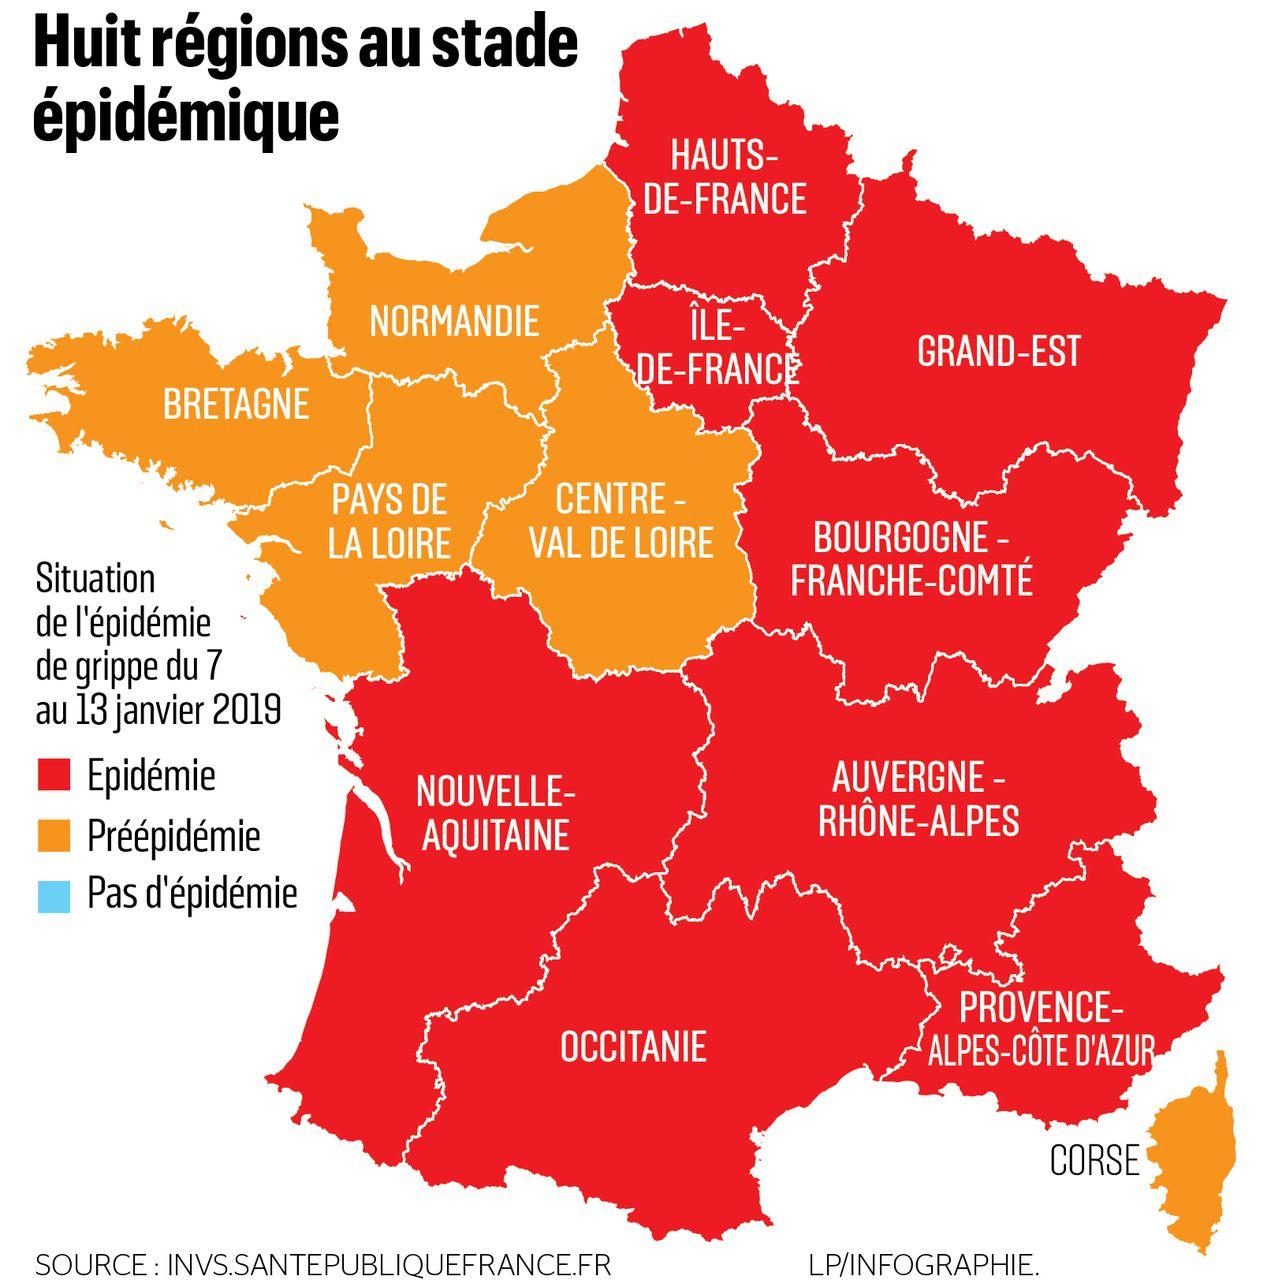 Grippe : L'épidémie S'étend Désormais À Huit Régions - Le pour Carte De France Et Ses Régions